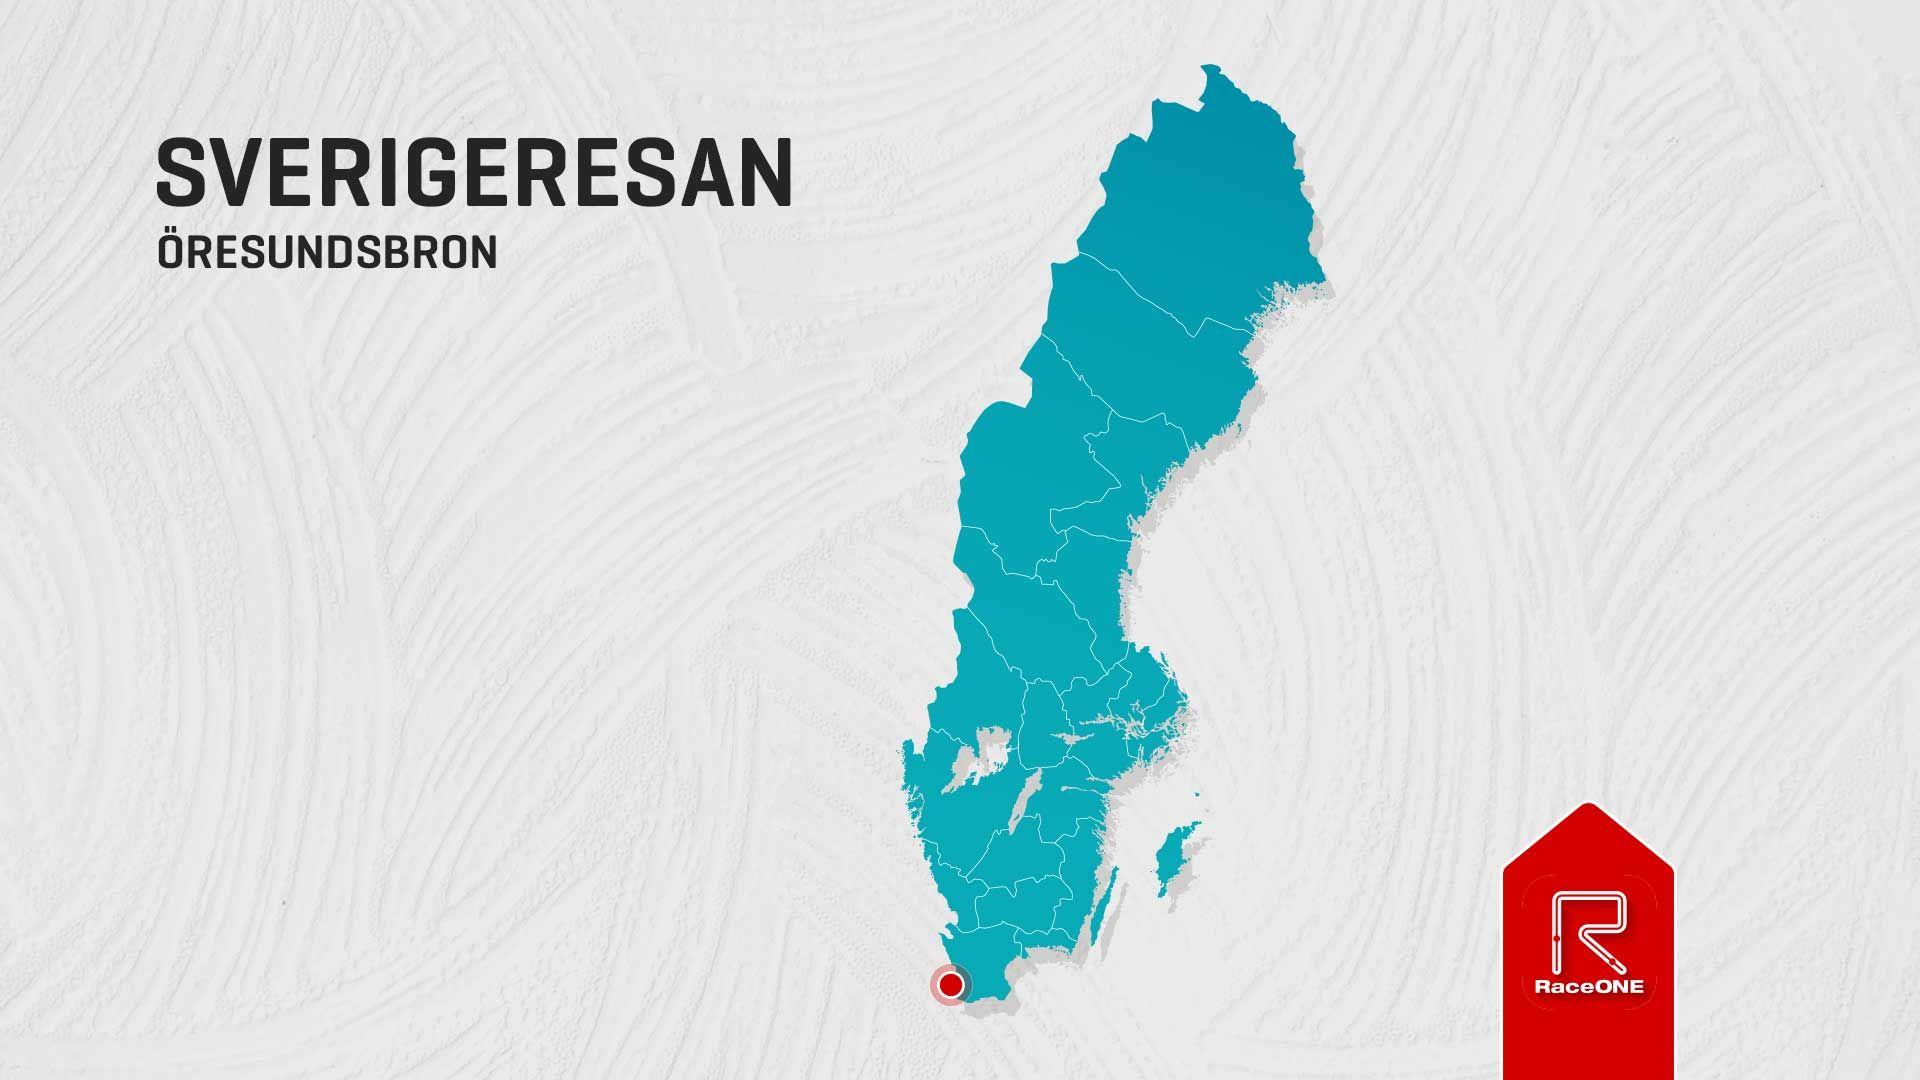 Nr 1 - Öresundsbron Sverigeresan